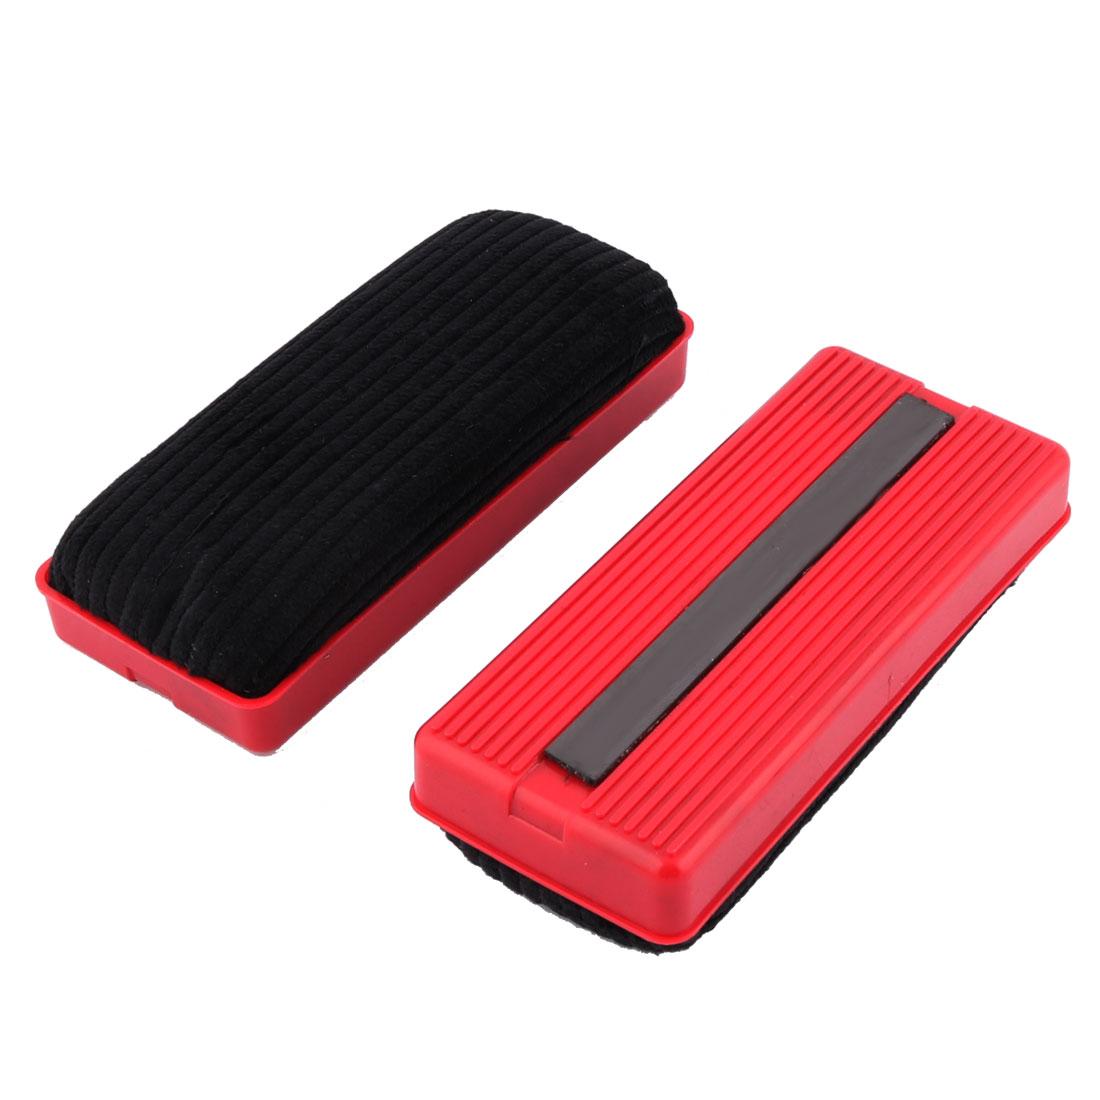 School Office Magnetic Back Velvet Wipe Cleaner Blackboard Eraser 2pcs